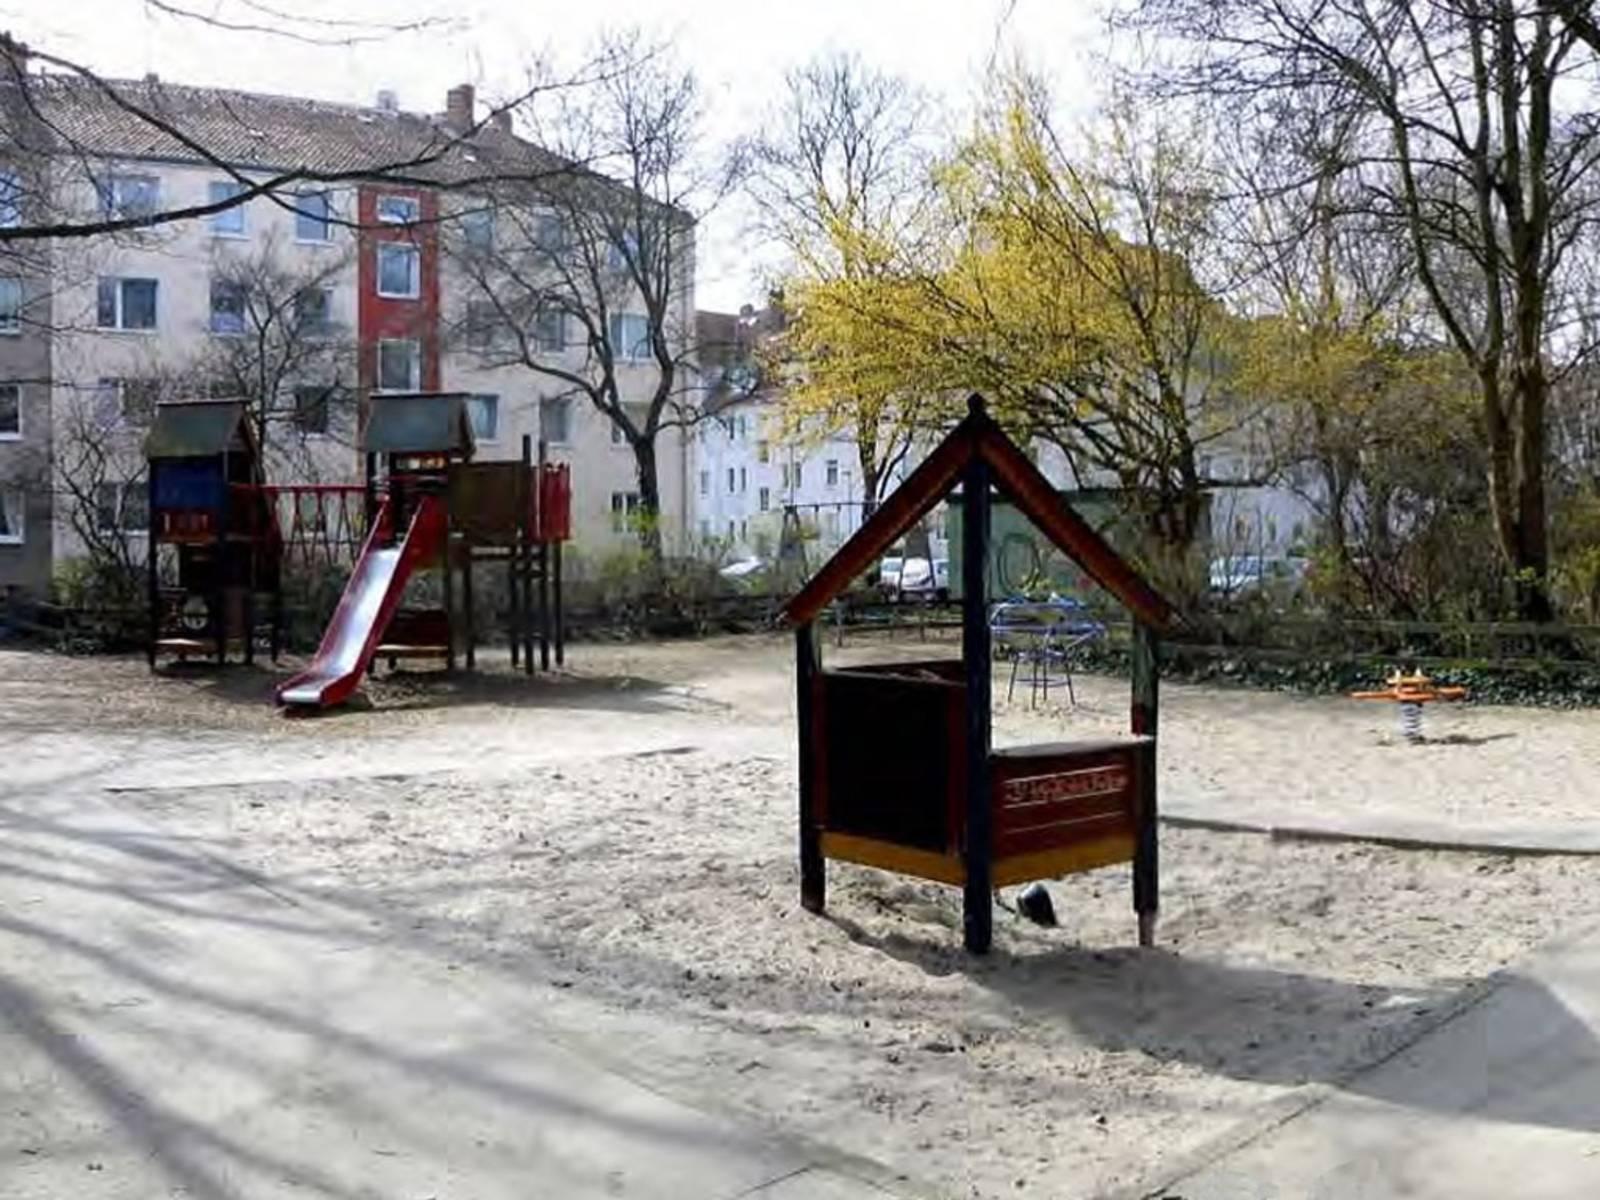 Verschiedene Spielgeräte aus Holz und Metall auf einem mit Sand befüllten Spielplatz, umrahmt von Wohnhäusern